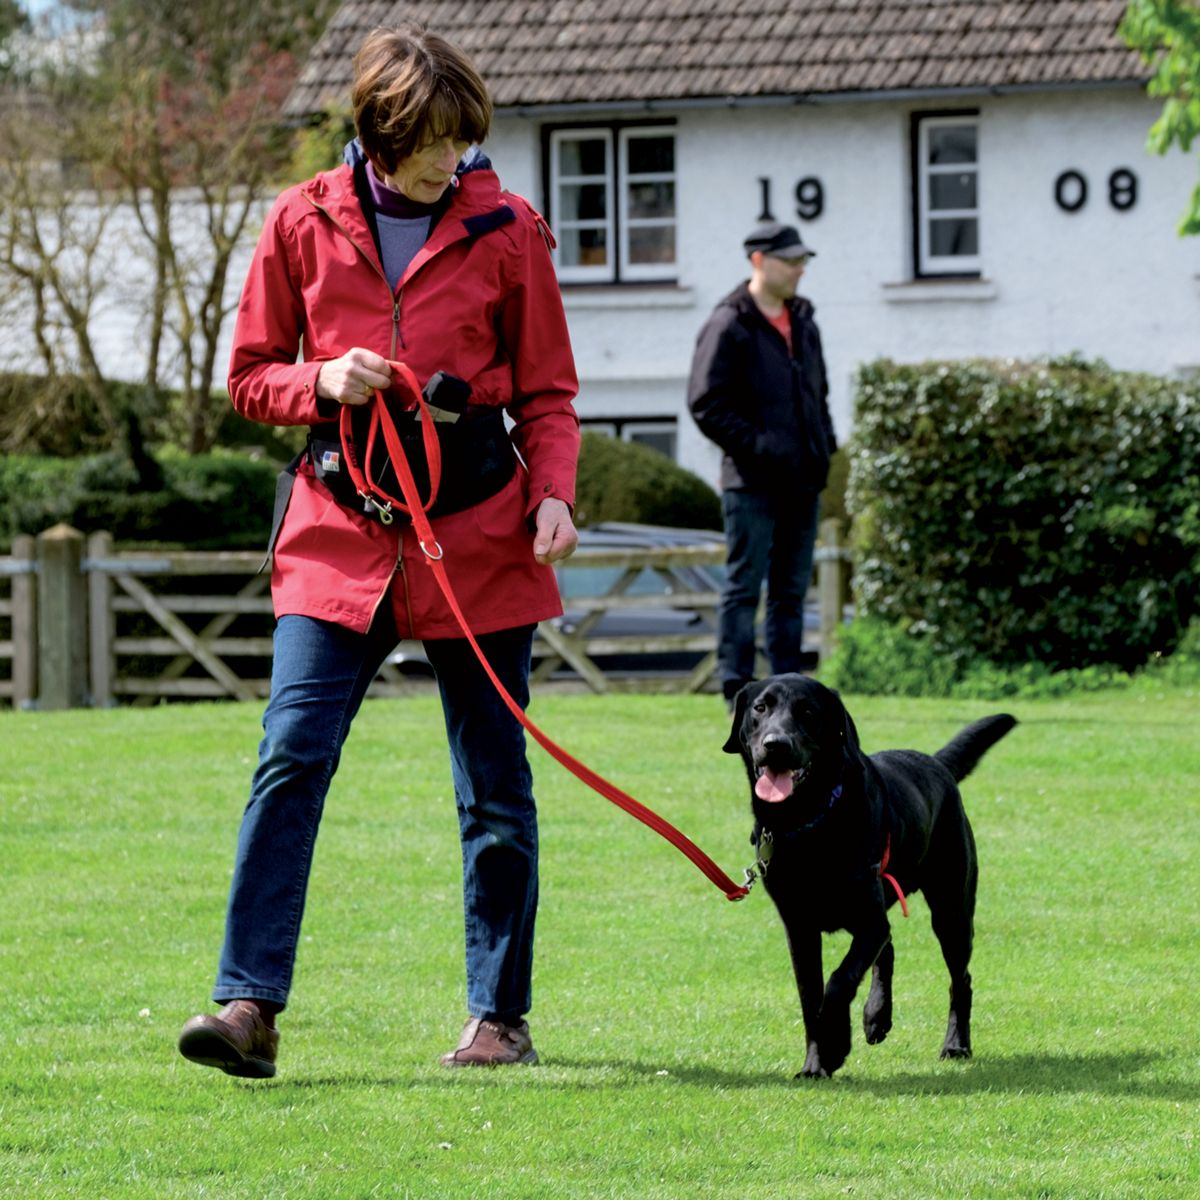 Posición correcta para enseñar al perro a caminar sin tirar de la correa; solo se avanza cuando el perro camina al lado sin tensar la correa.